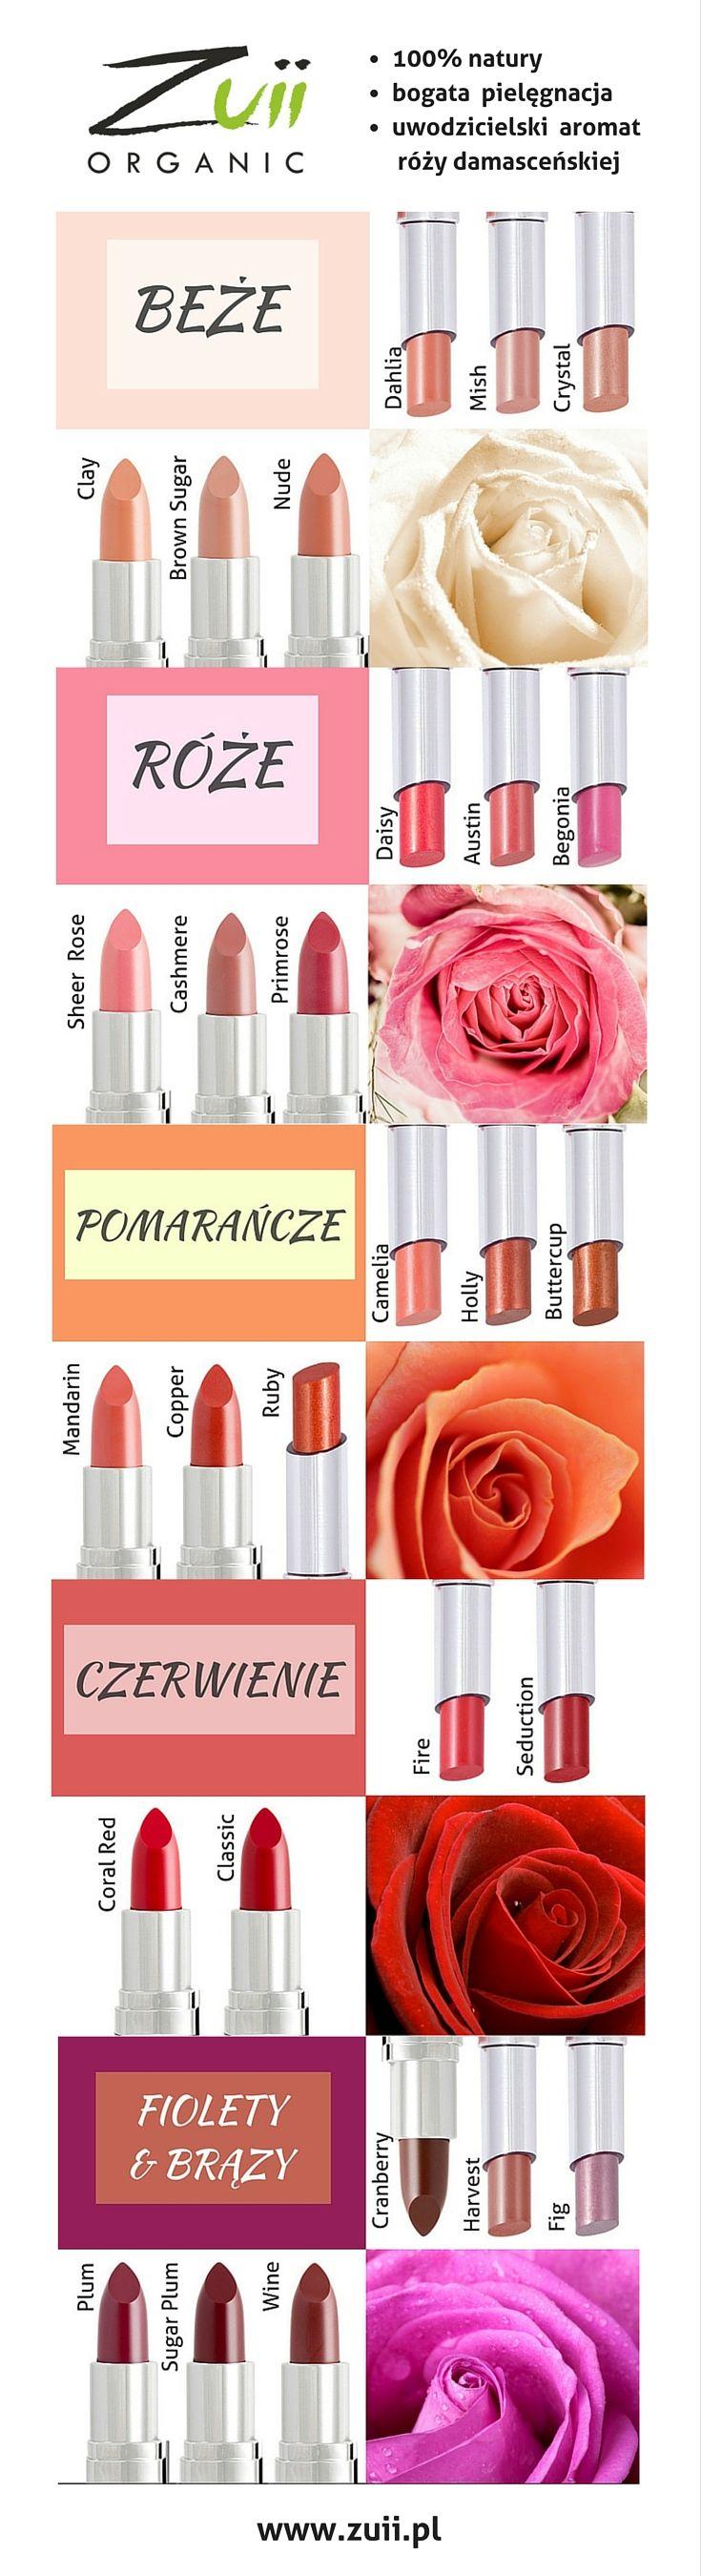 Dobierz kolor szminki Zuii i zakochaj się w pielęgnacyjnej mocy certyfikowanych,organicznych składników, intensywnych odcieniach i zapachu róży!